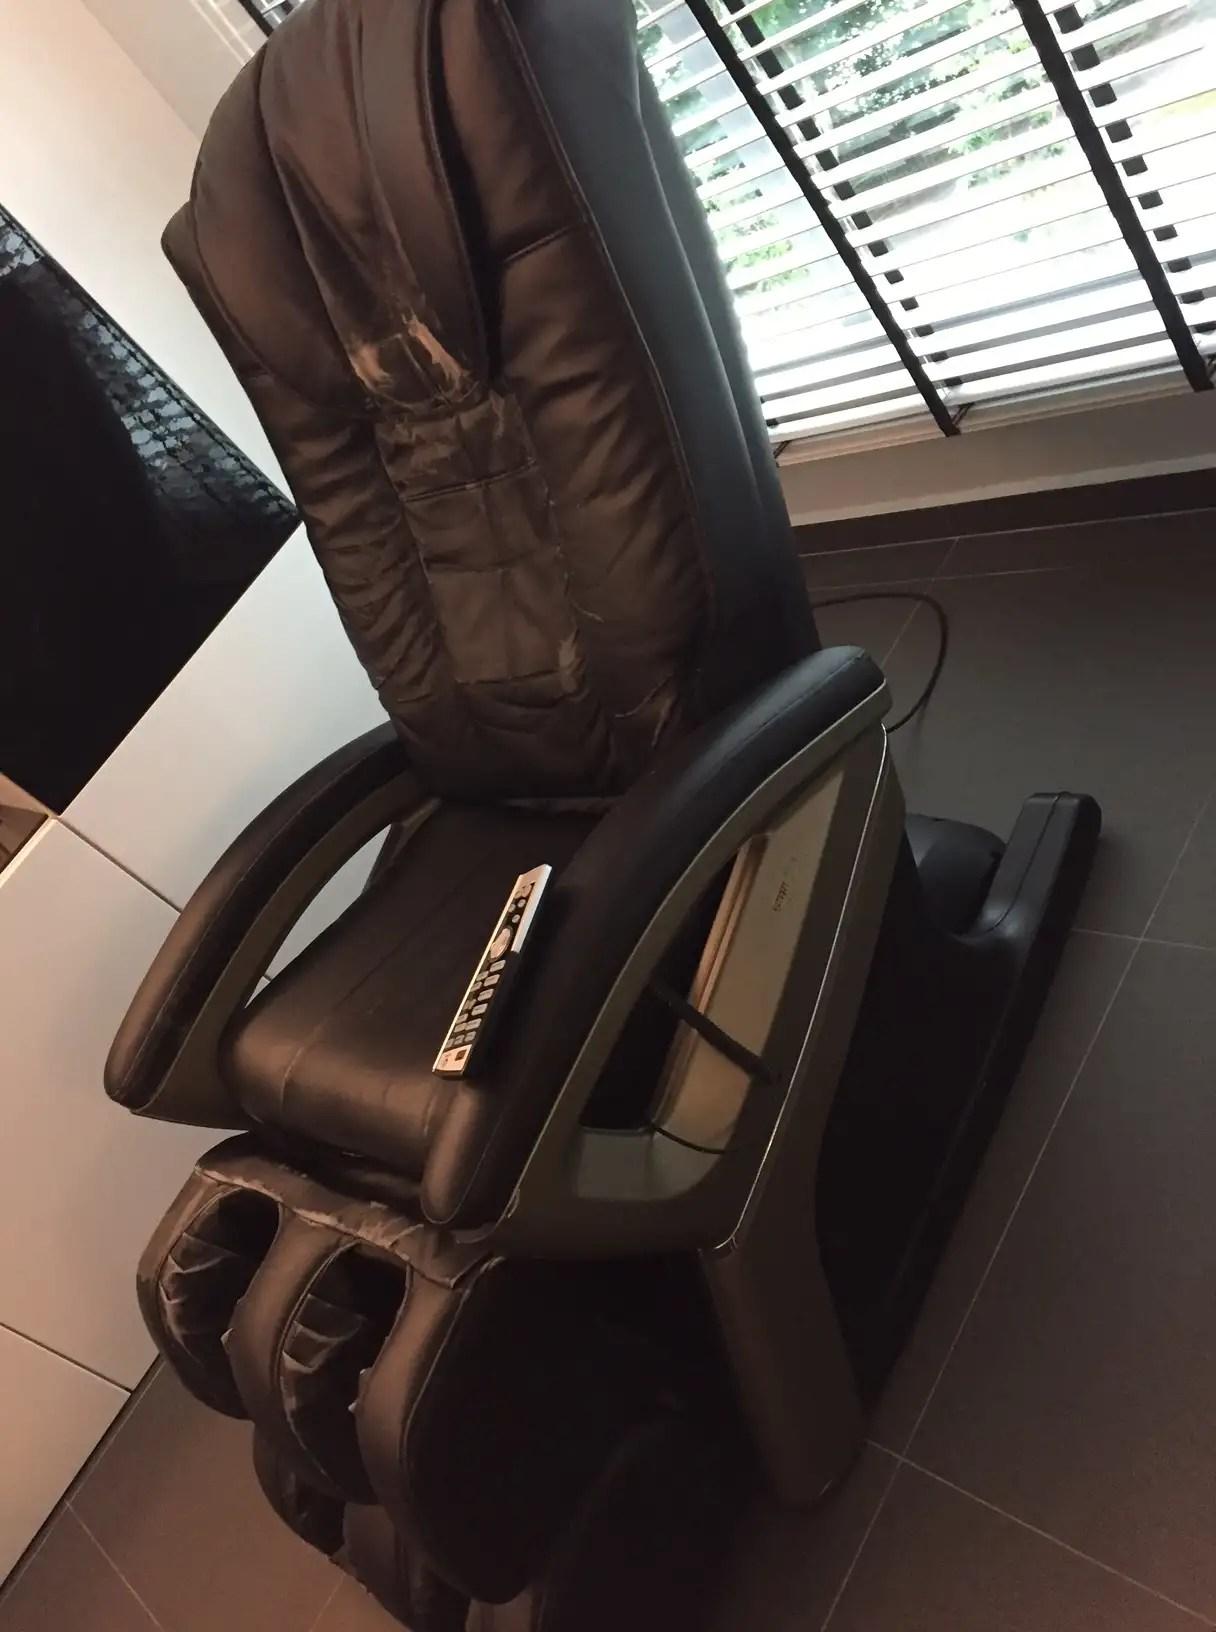 ogawa massage chair pickup truck tailgate wts used hardwarezone sg